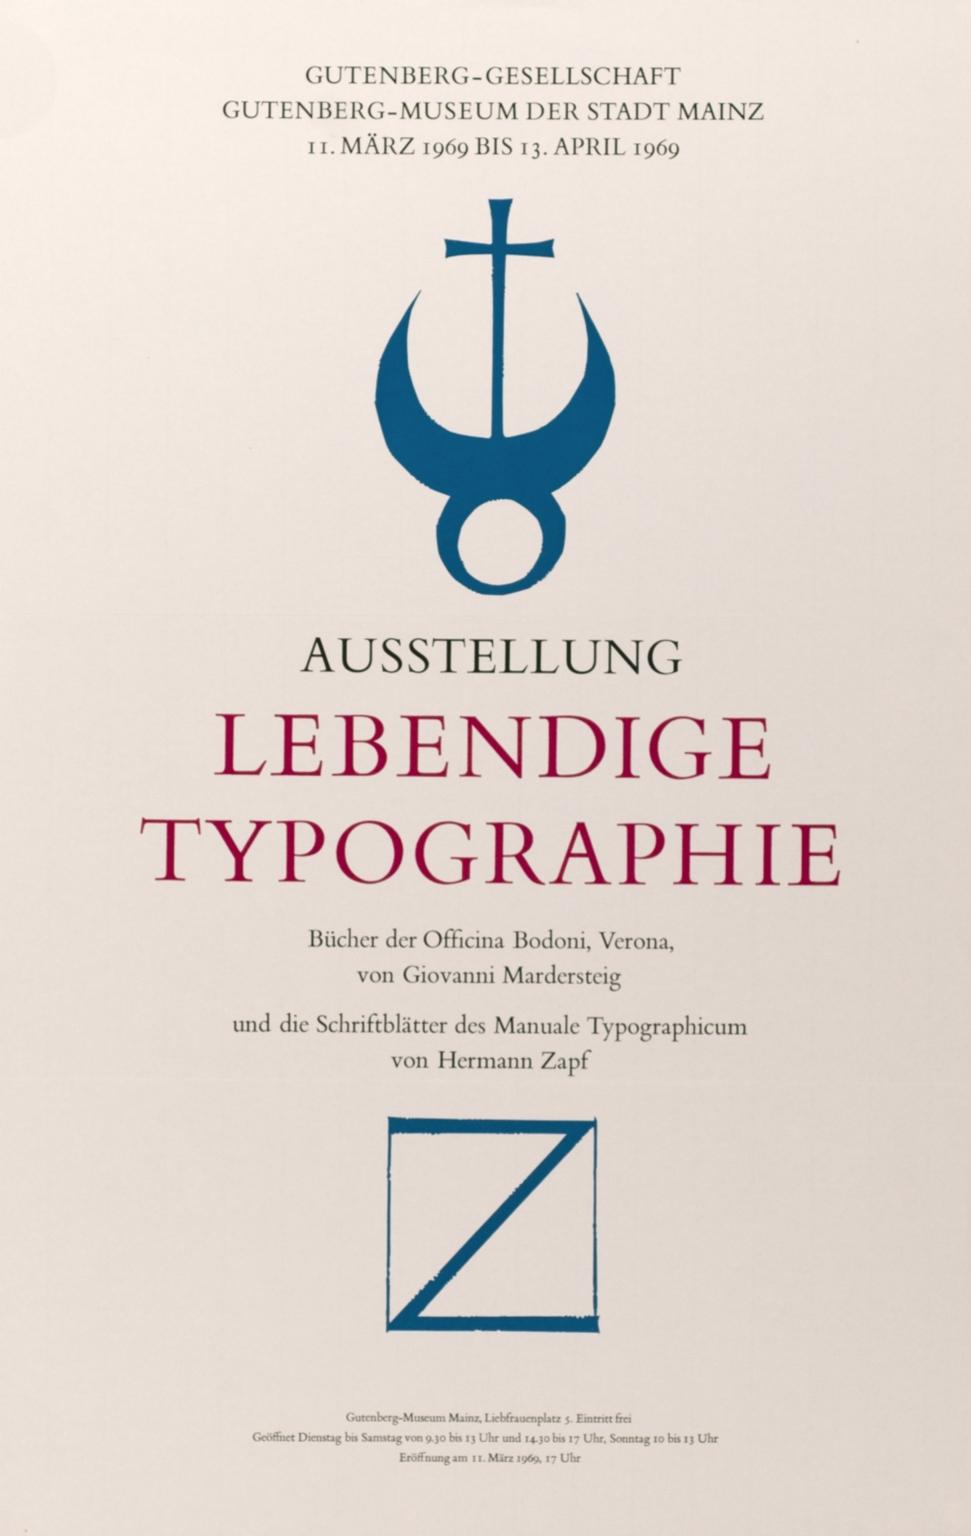 Austellung Lebendige Typographie